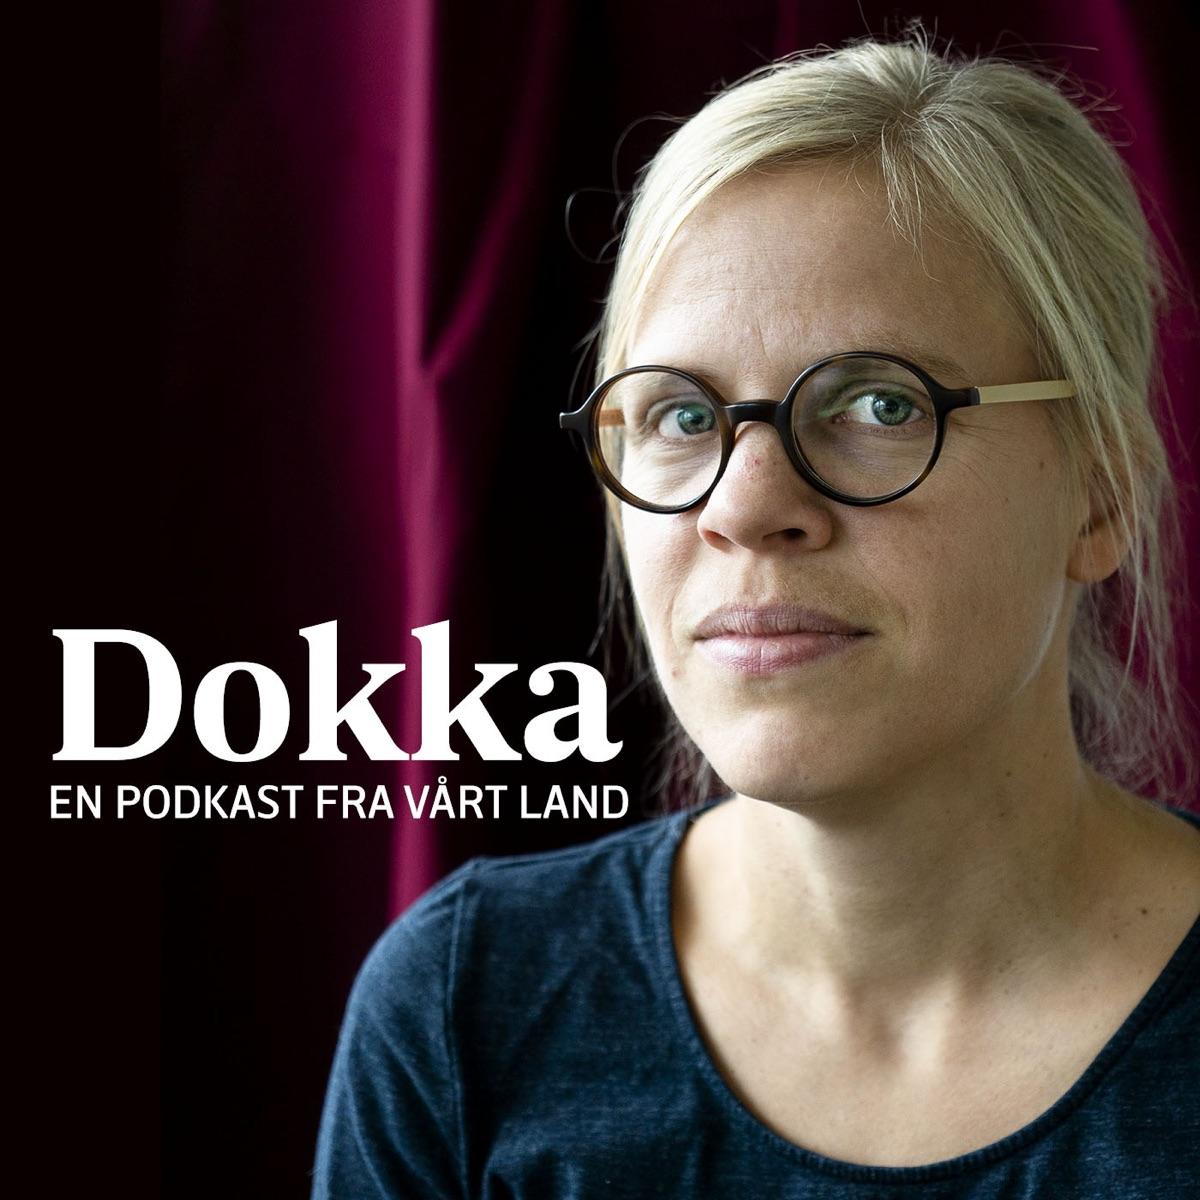 Dokka